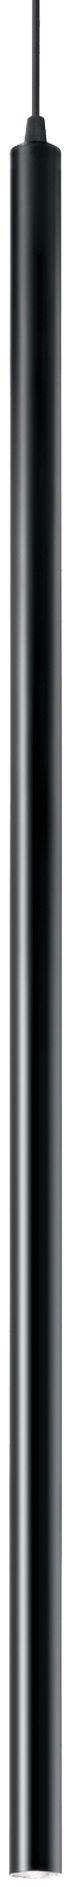 Lampa wisząca Ultrathin SP1 Big Round 142913 Ideal Lux nowoczesna oprawa w kolorze czarnym